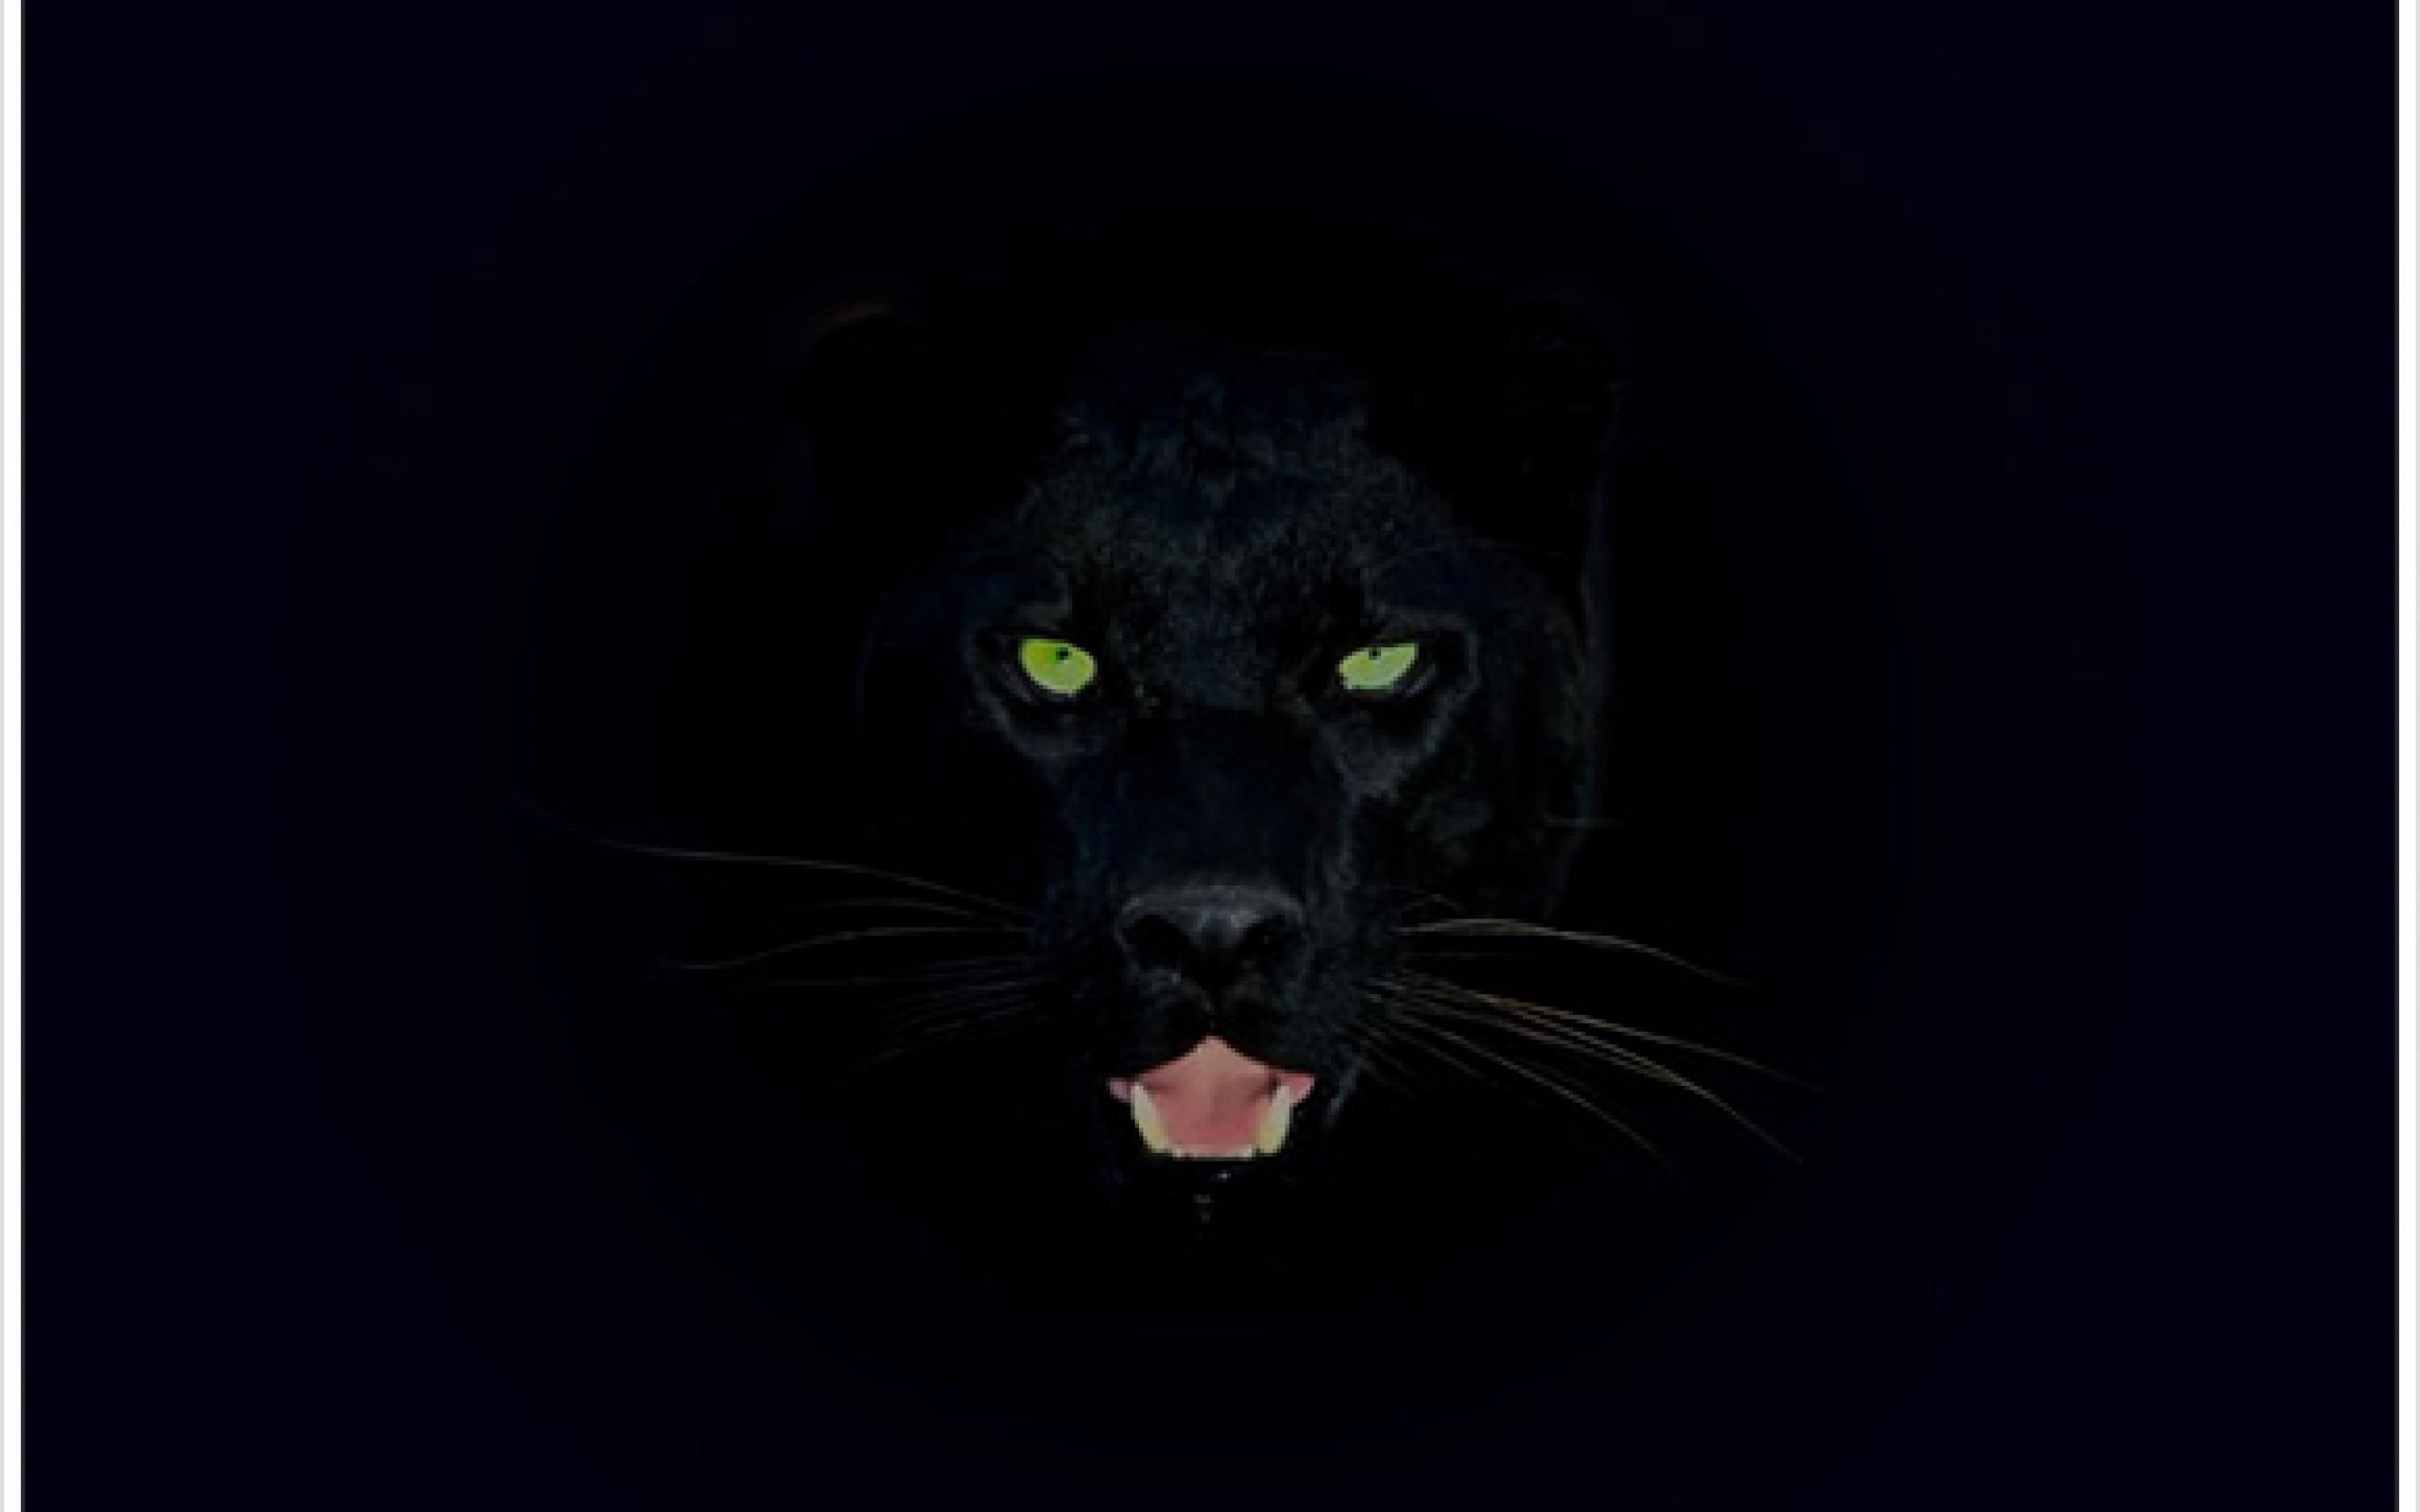 Black Panther Wallpaper 2560x1600 45763